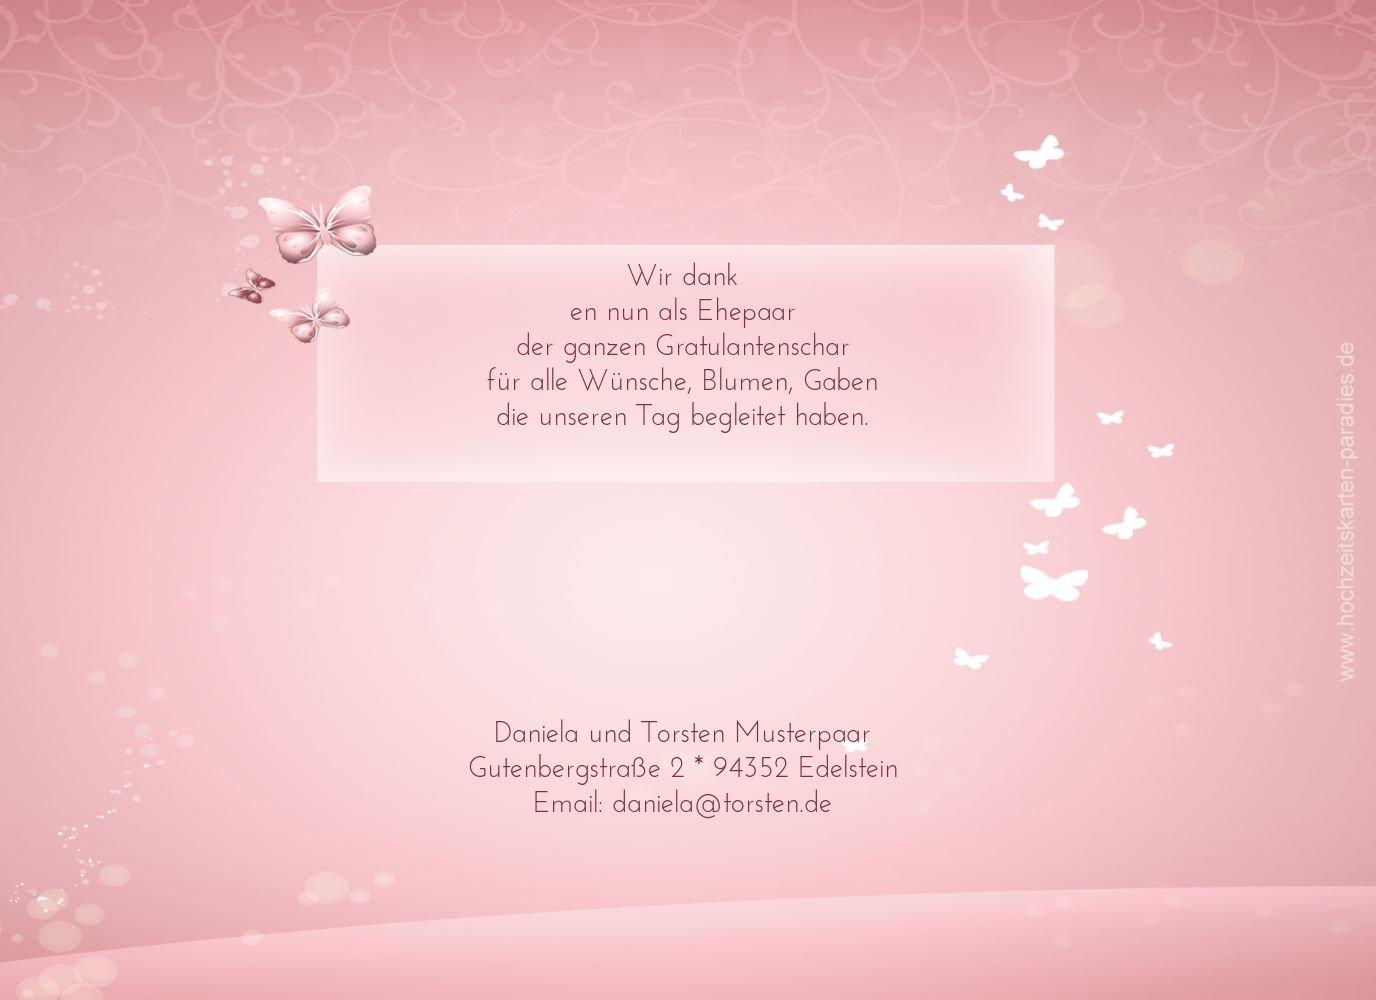 Kartenparadies Danksagung für Hochzeitsgeschenke Hochzeitsgeschenke Hochzeitsgeschenke Hochzeit Danke Dream, hochwertige Danksagungskarte Hochzeitsglückwünsche inklusive Umschläge   10 Karten - (Format  148x105 mm) Farbe  HellRosa B01NBX07CR | eine breite Palette von Produ 2ffea1